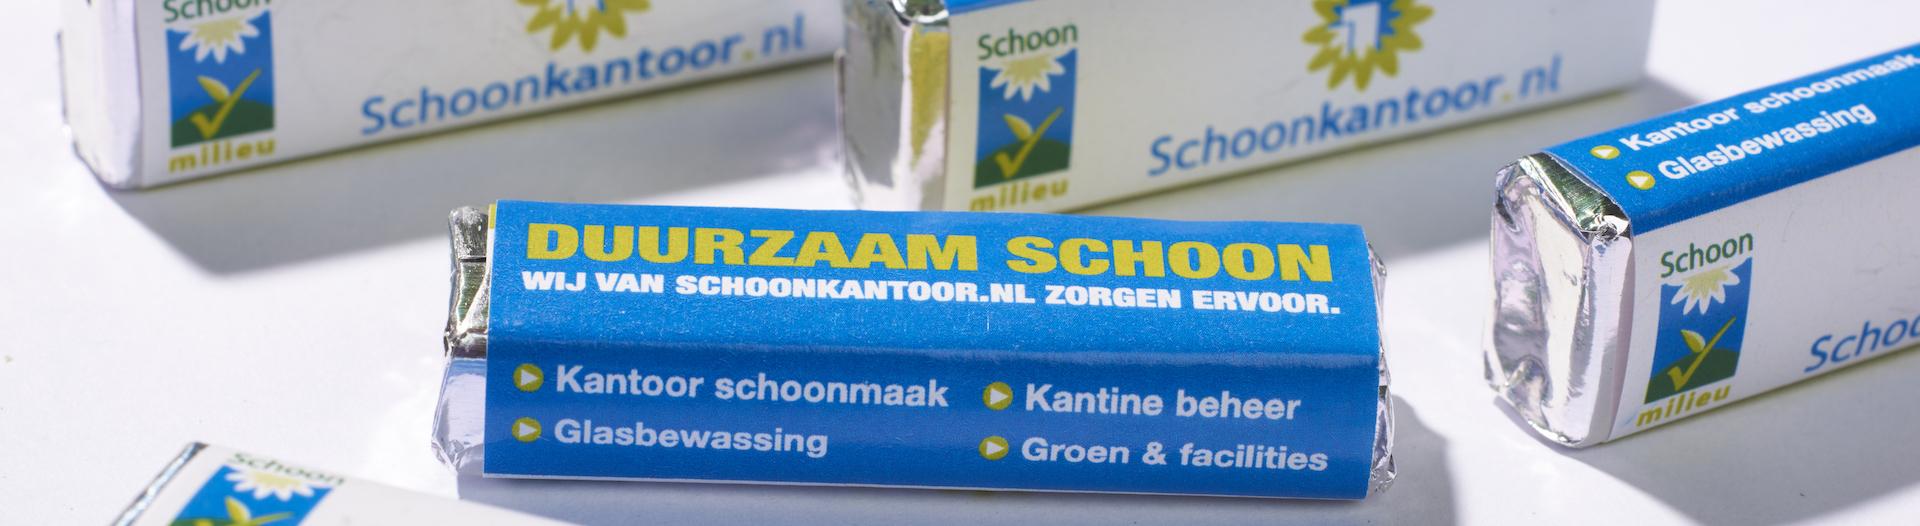 Schoonkantoor.nl, frisse kijk op schoonmaak